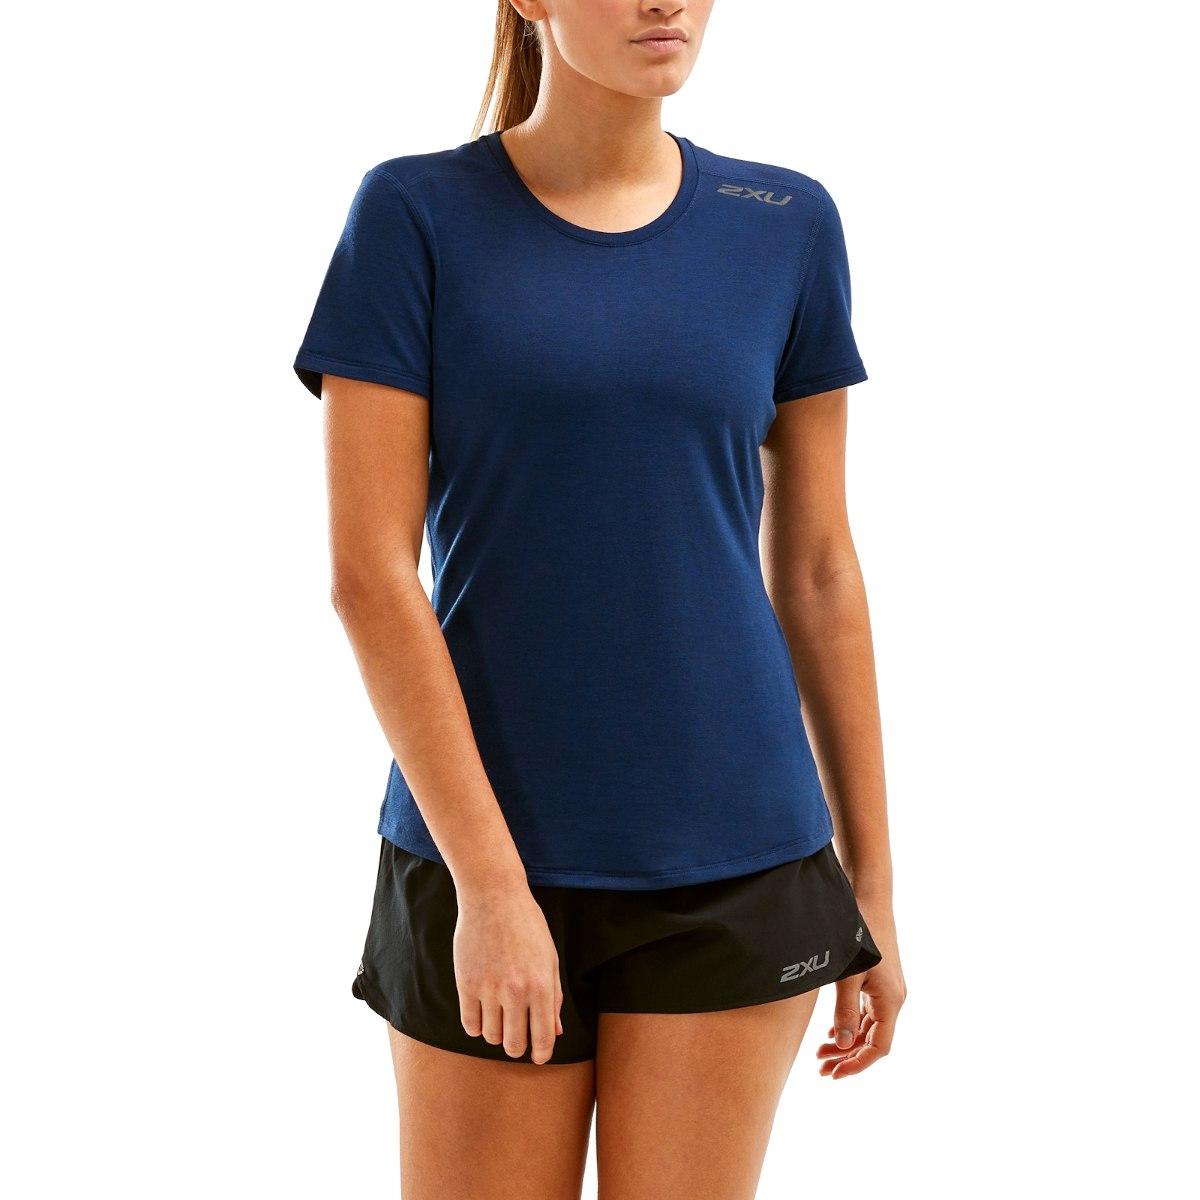 Imagen de 2XU Women's Heat Short Sleeve Tee - navy marle/navy marle